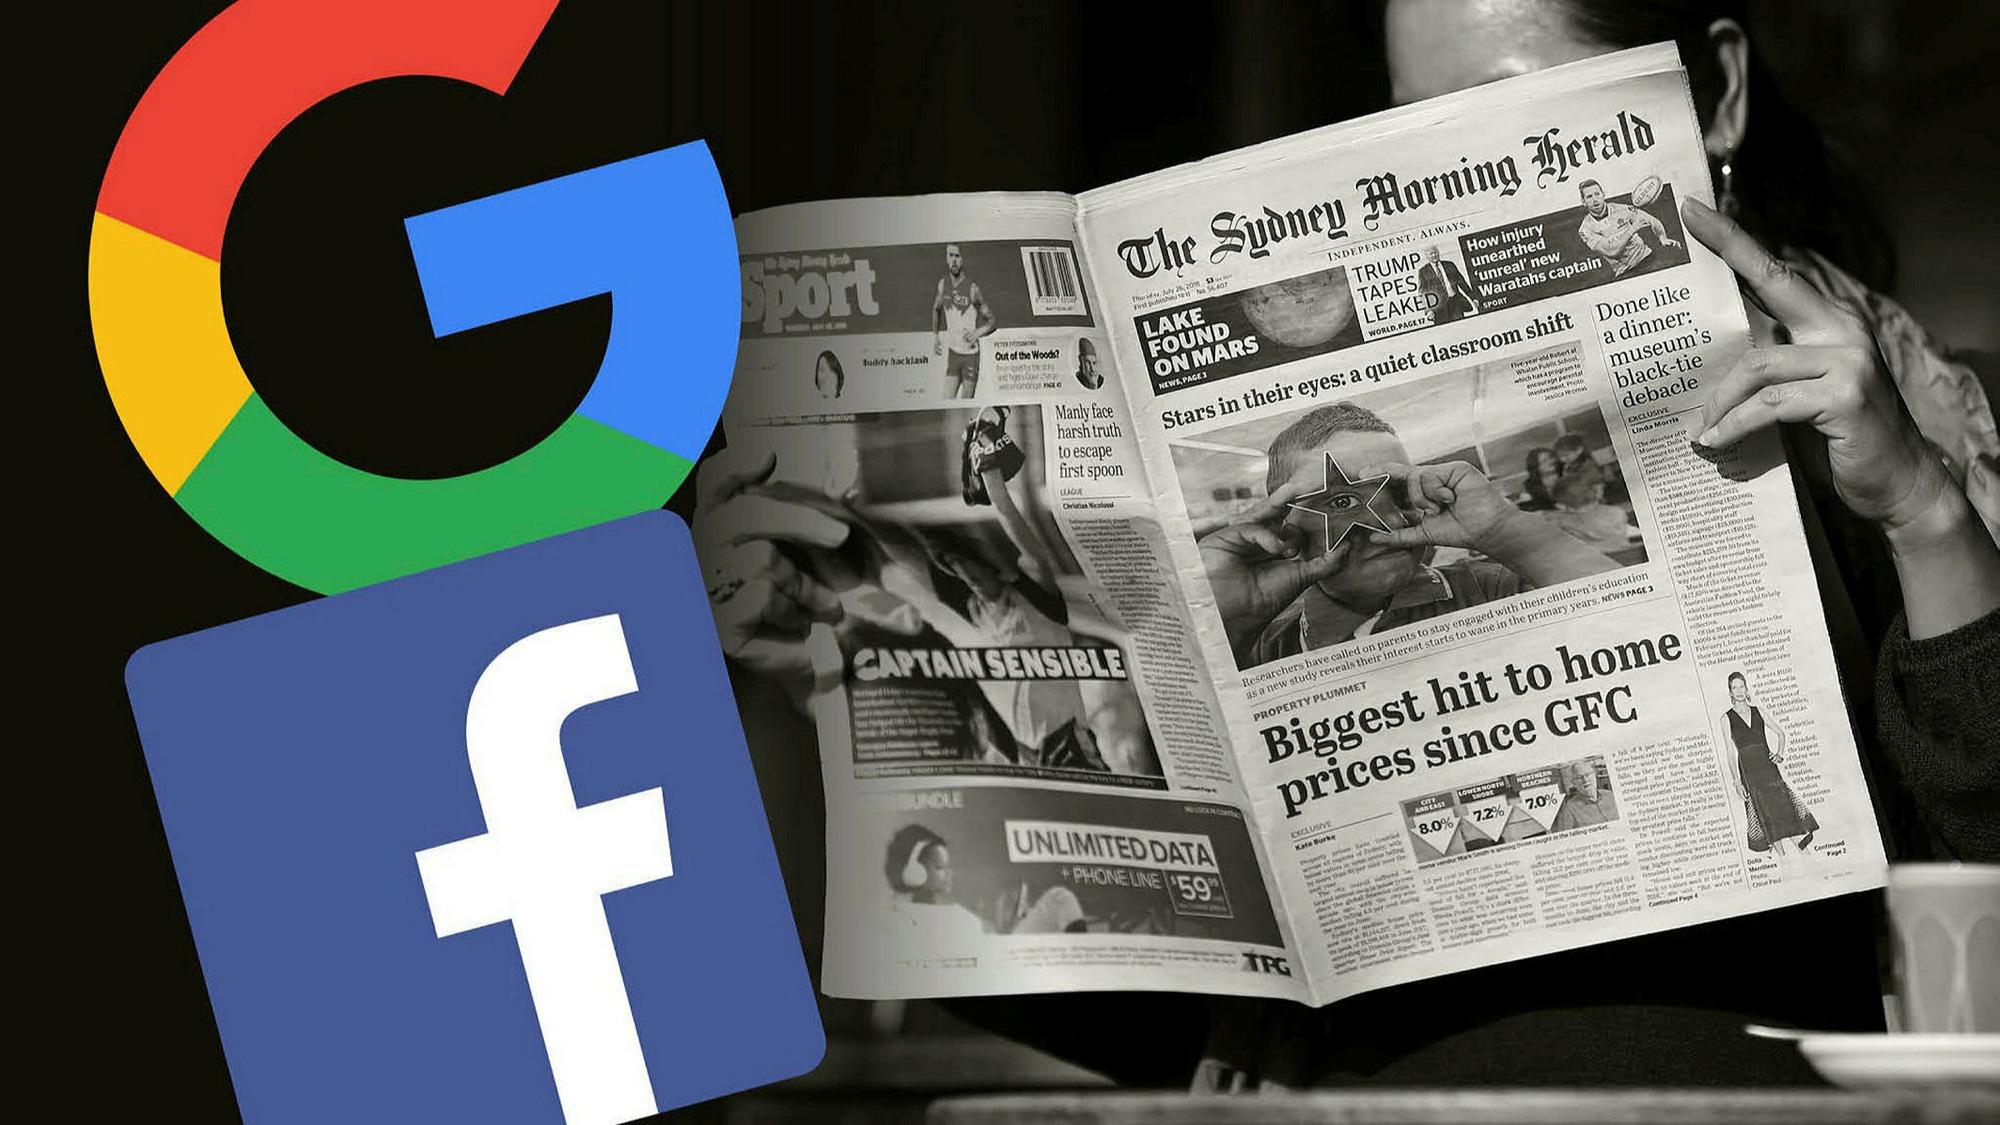 Úc quyết không nhượng bộ Facebook